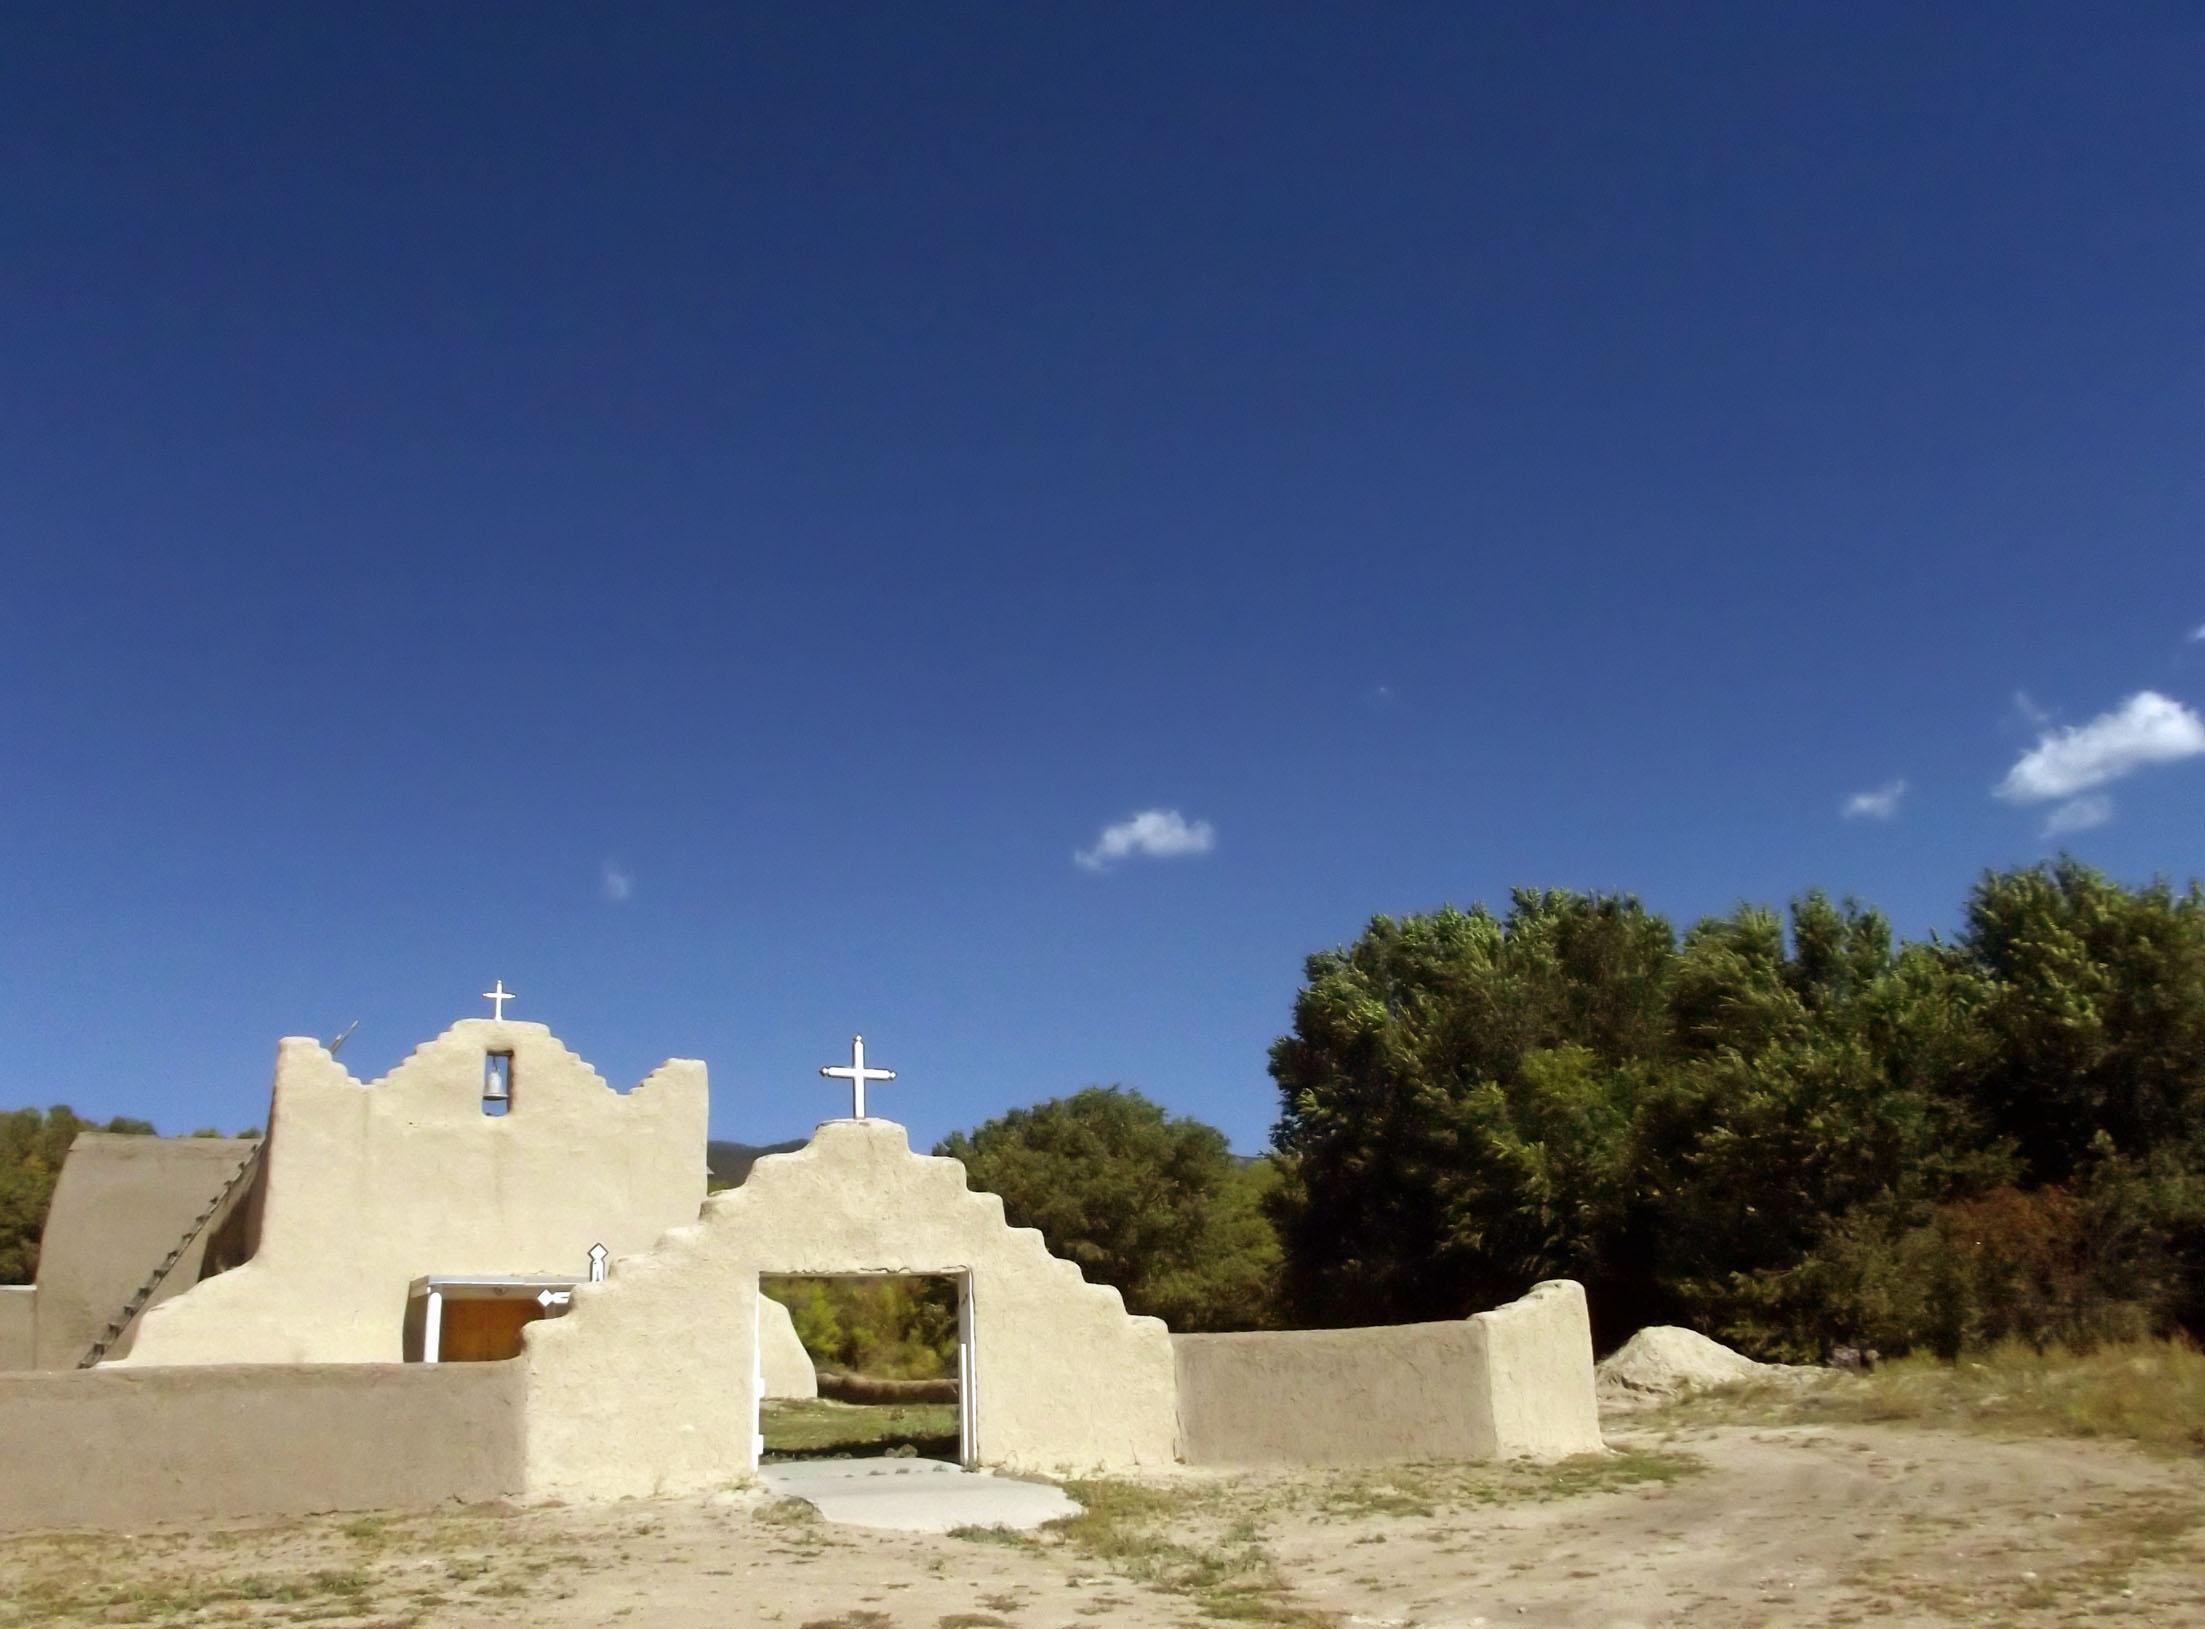 Adobe church, blue sky